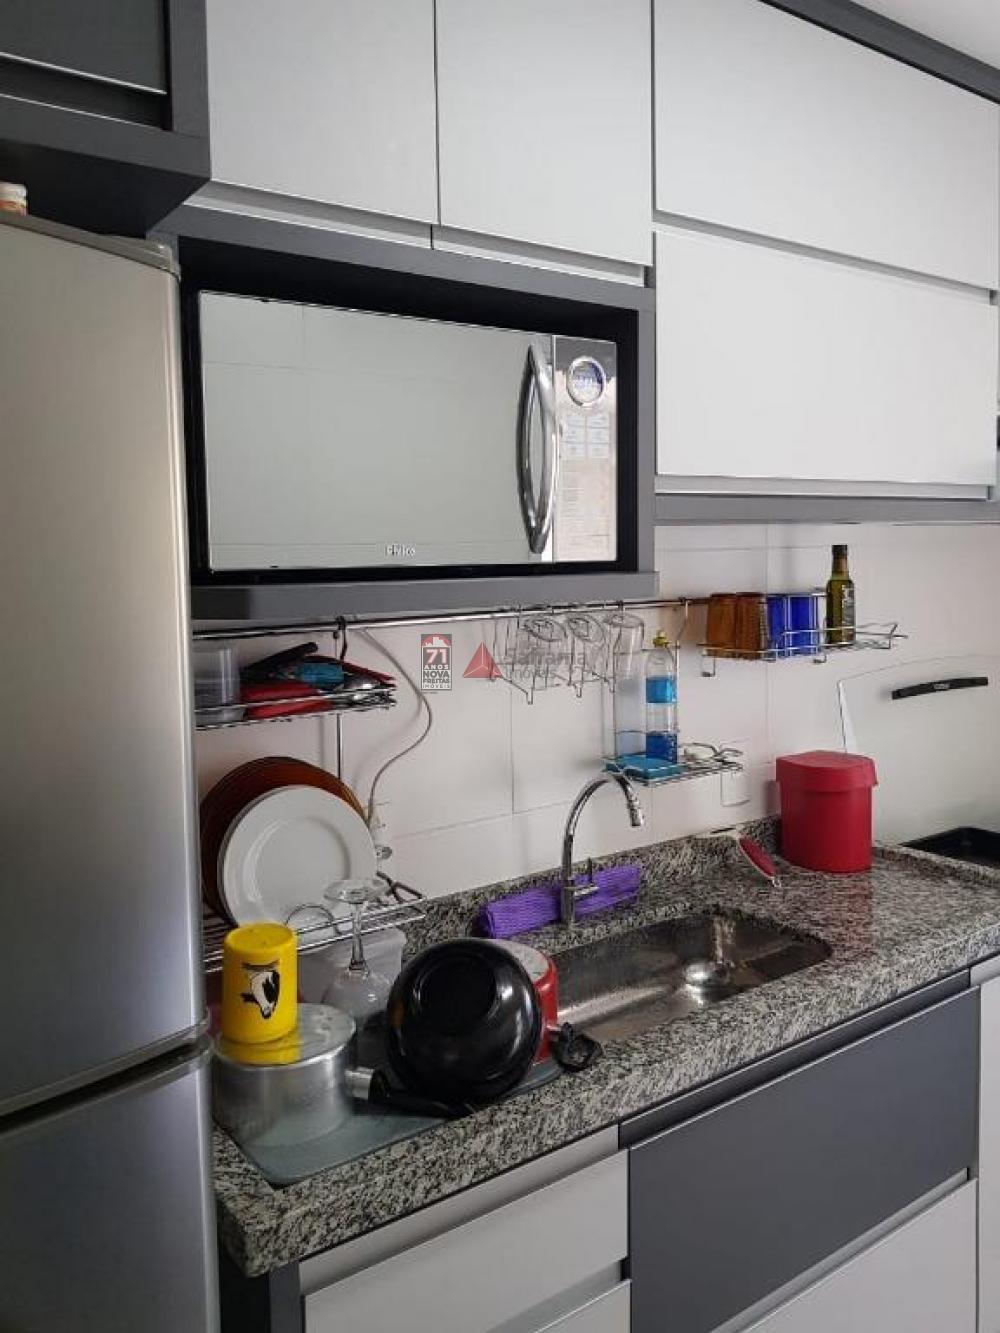 Alugar Apartamento / Padrão em Caraguatatuba apenas R$ 2.289,00 - Foto 4